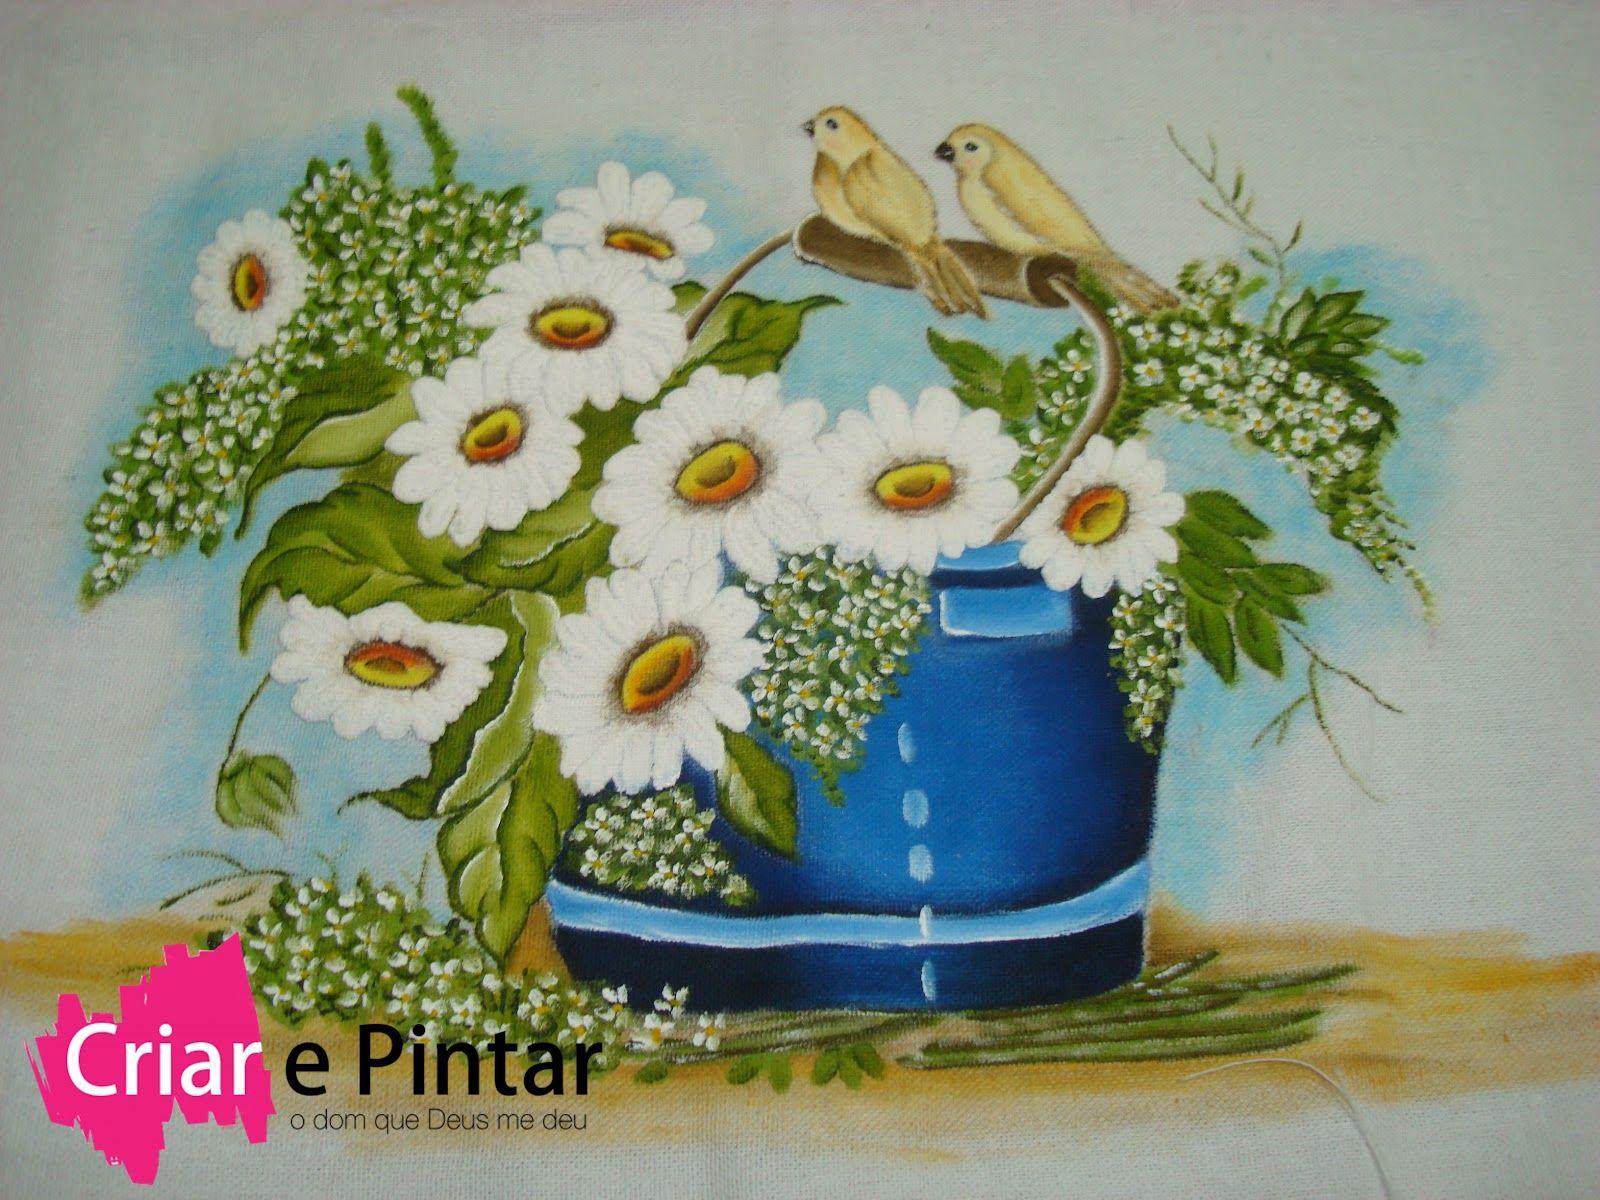 Flores+balde+com+margaridas+pintado.JPG (1600×1200)